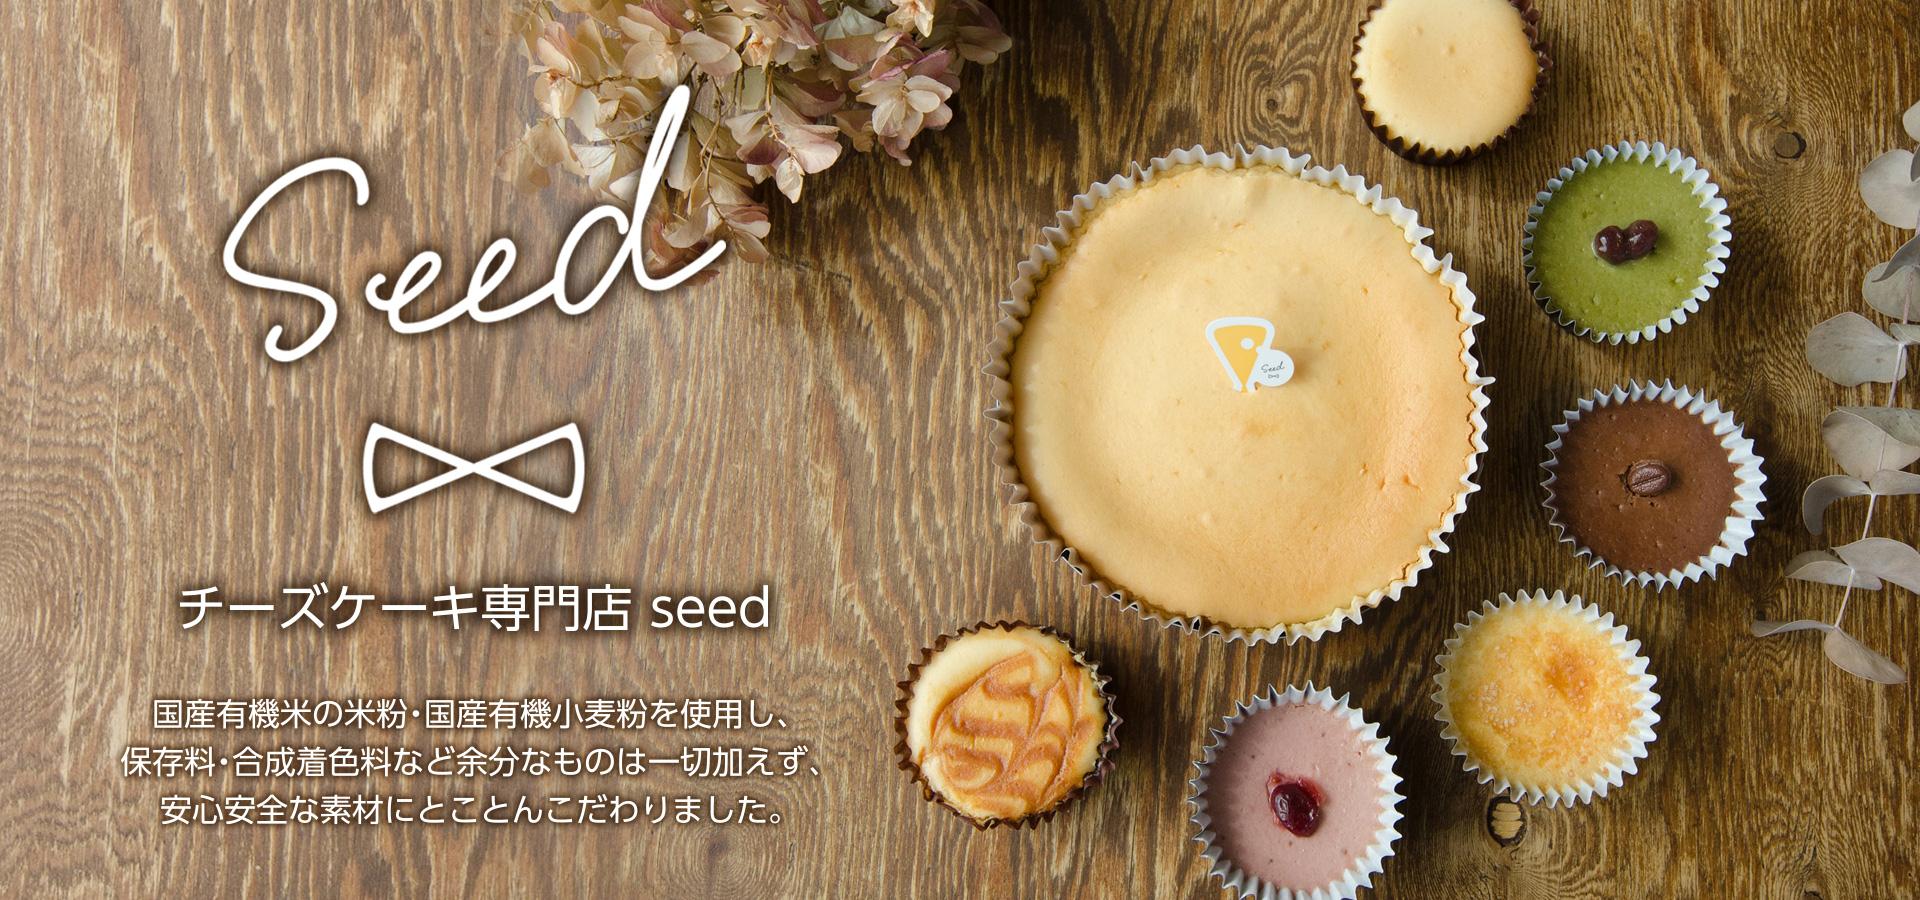 チーズケーキ専門店seed